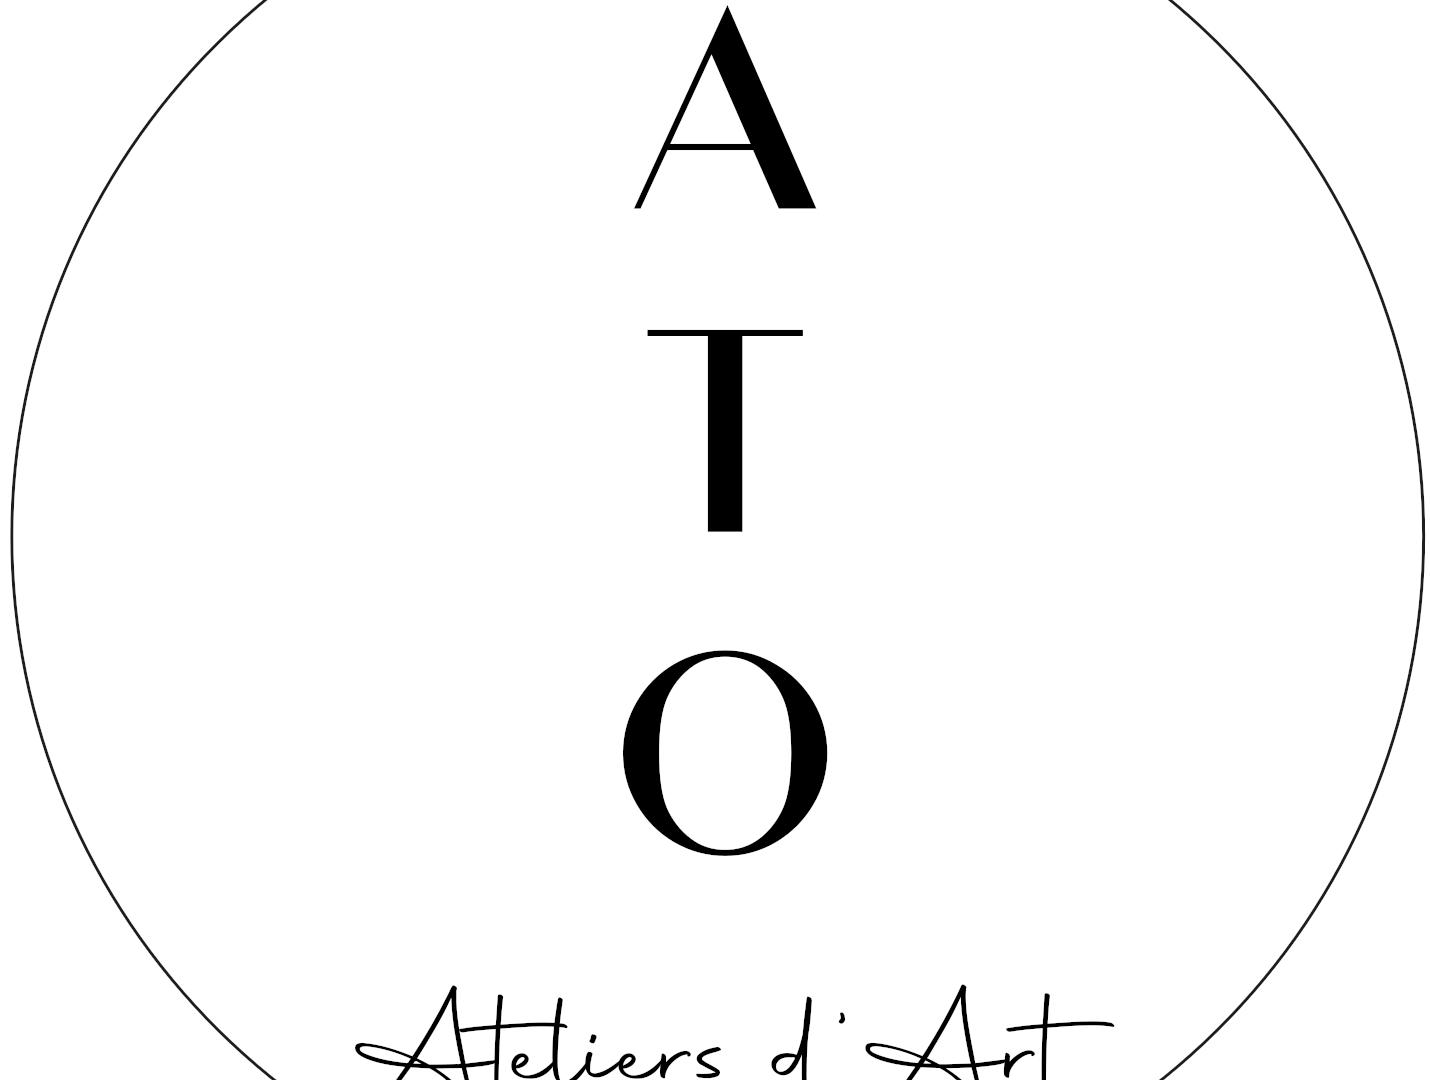 Ato boutique Sarlat logo